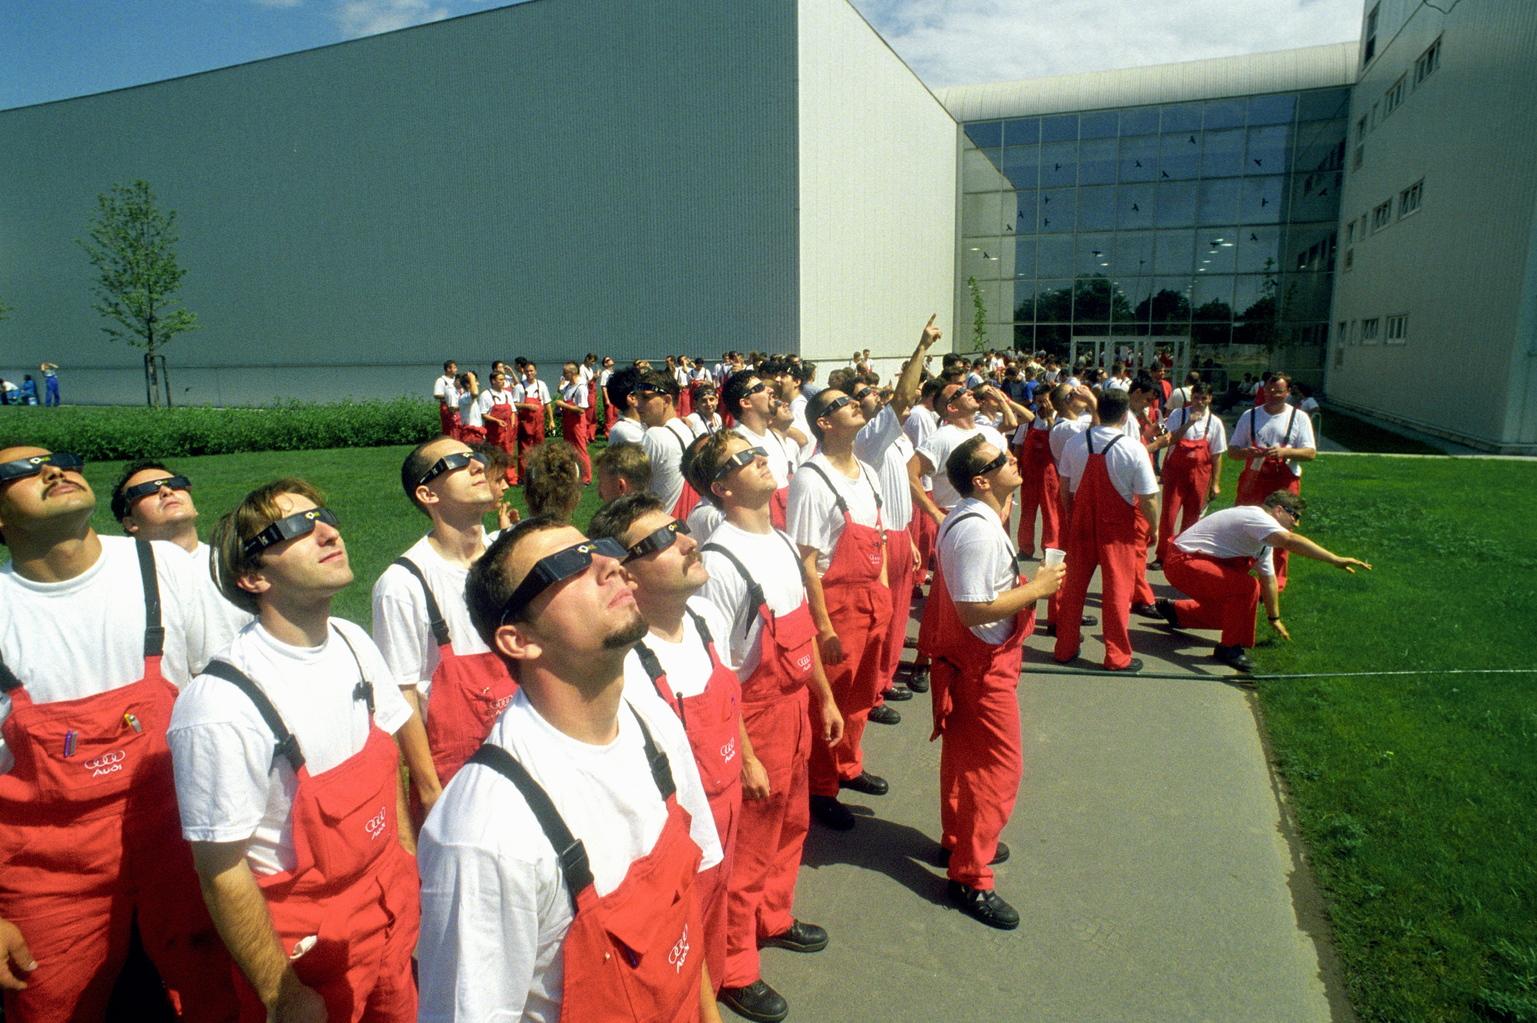 Győr, 1999. augusztus 11. Az Audi győri gyárának dolgozói figyelik a teljes napfogyatkozást az üzem udvarán. A különleges természeti jelenség időtartama alatt fél órára a termelés is leállt. MTI Fotó: Matusz Károly